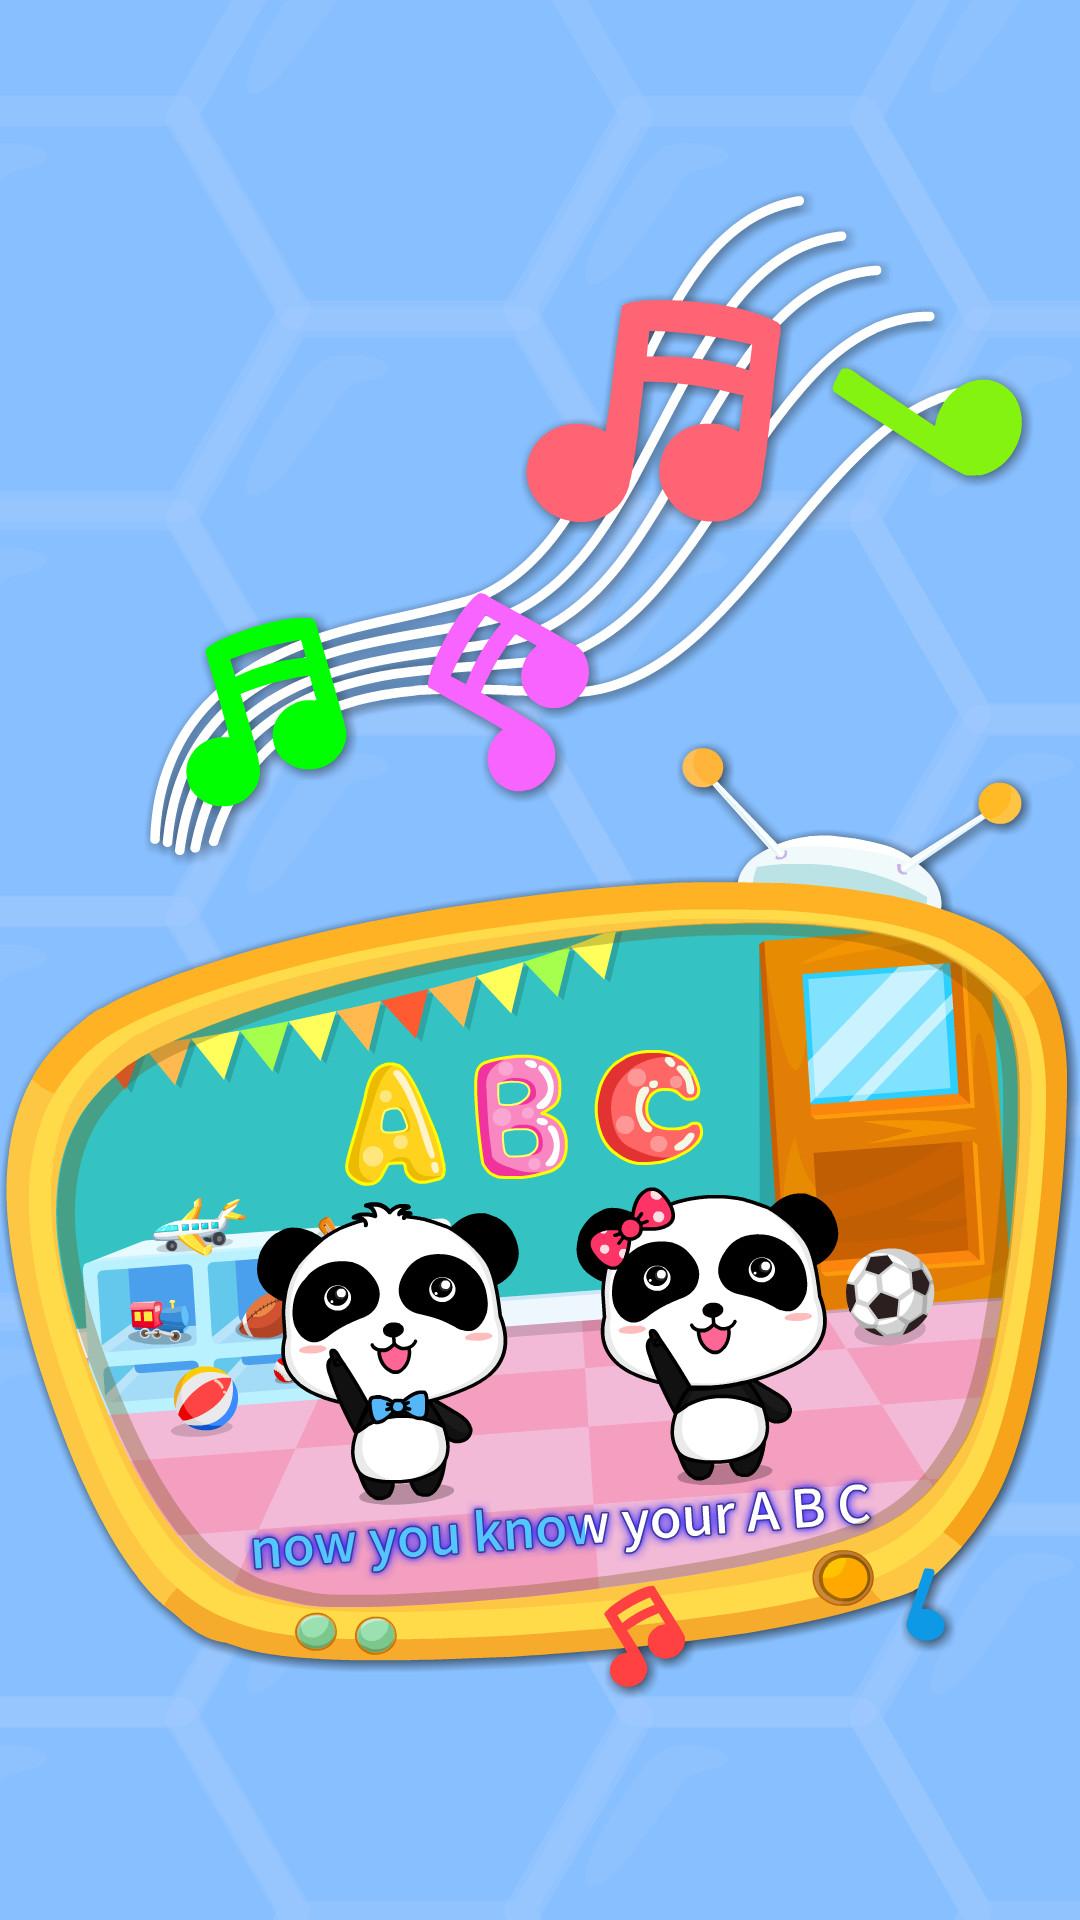 宝宝学ABC-应用截图